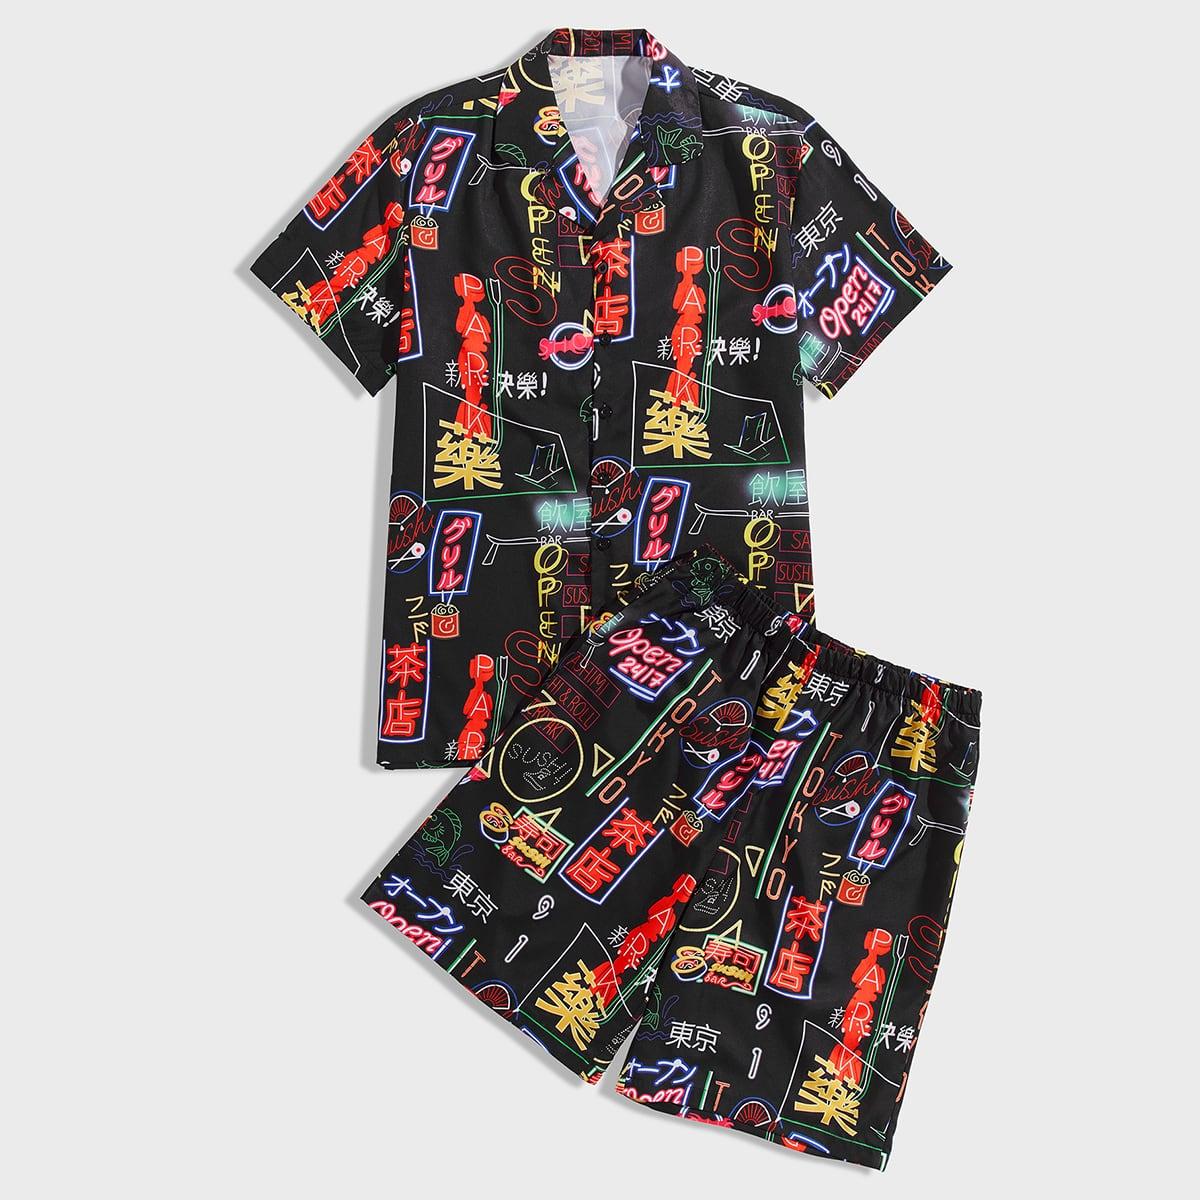 Мужские шорты и рубашка с пуговицами, текстовым принтом от SHEIN